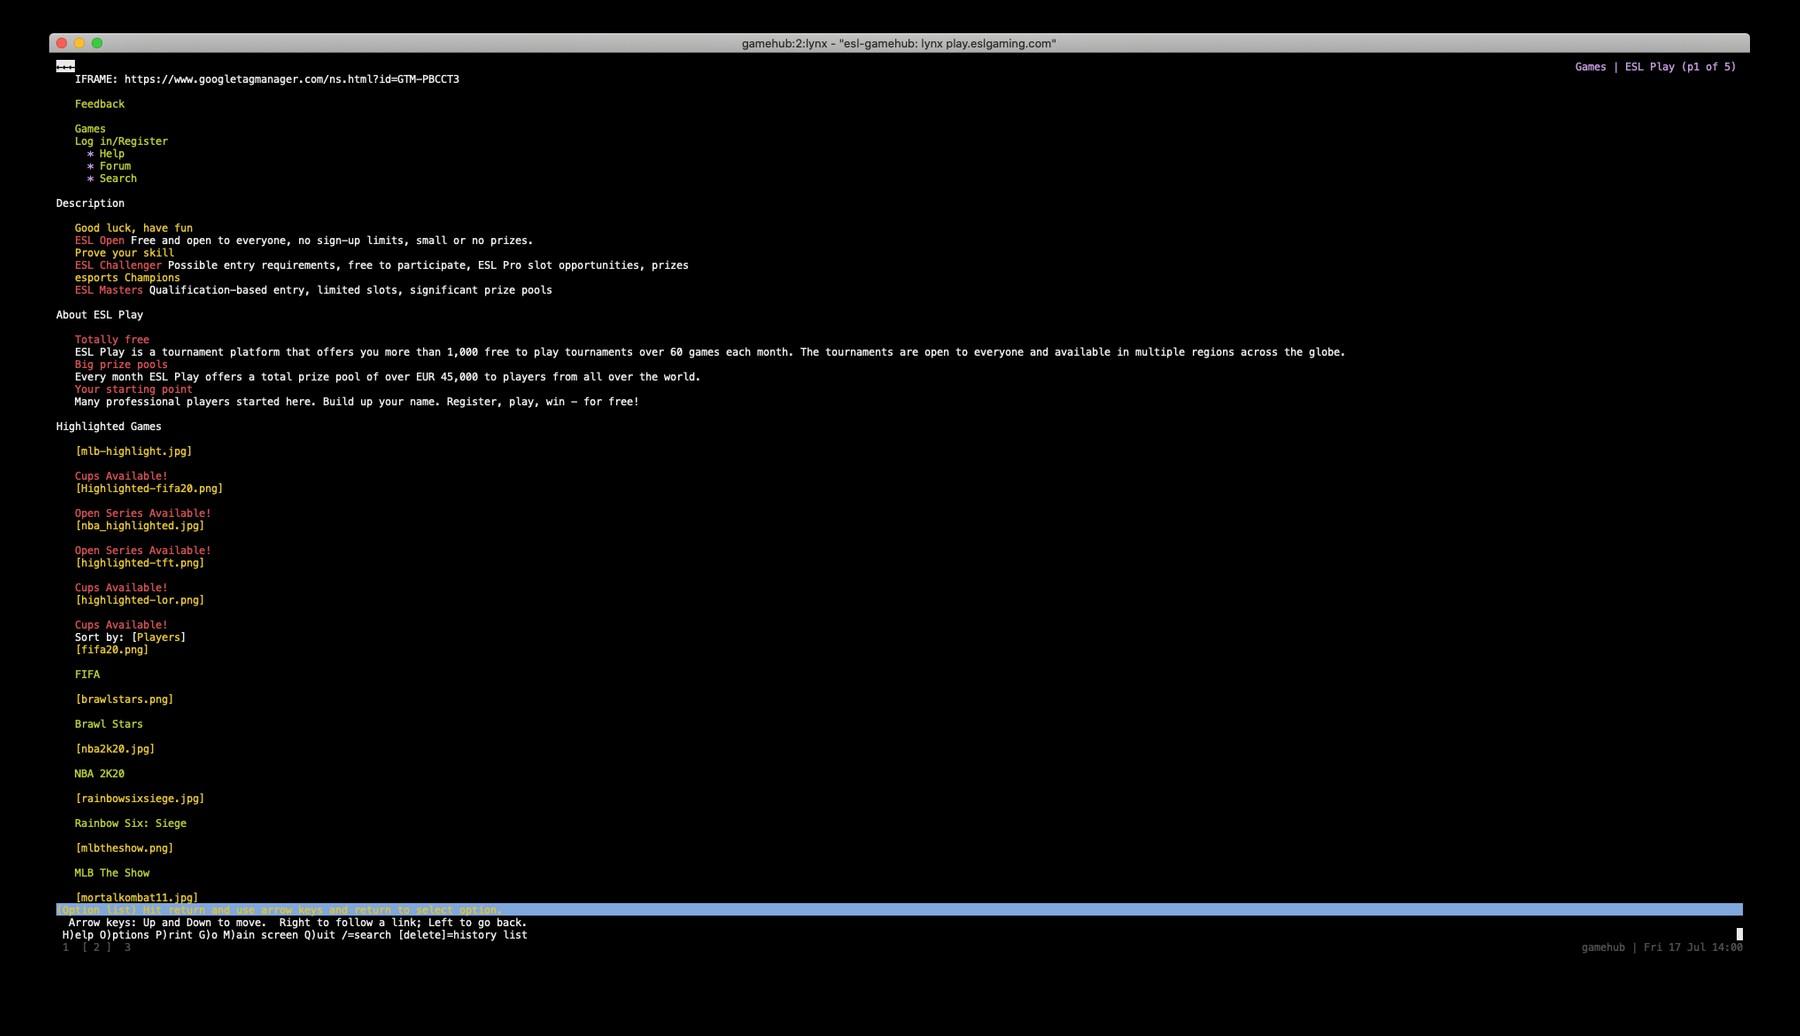 screenshot-2020-07-17-at-14.00.36.png